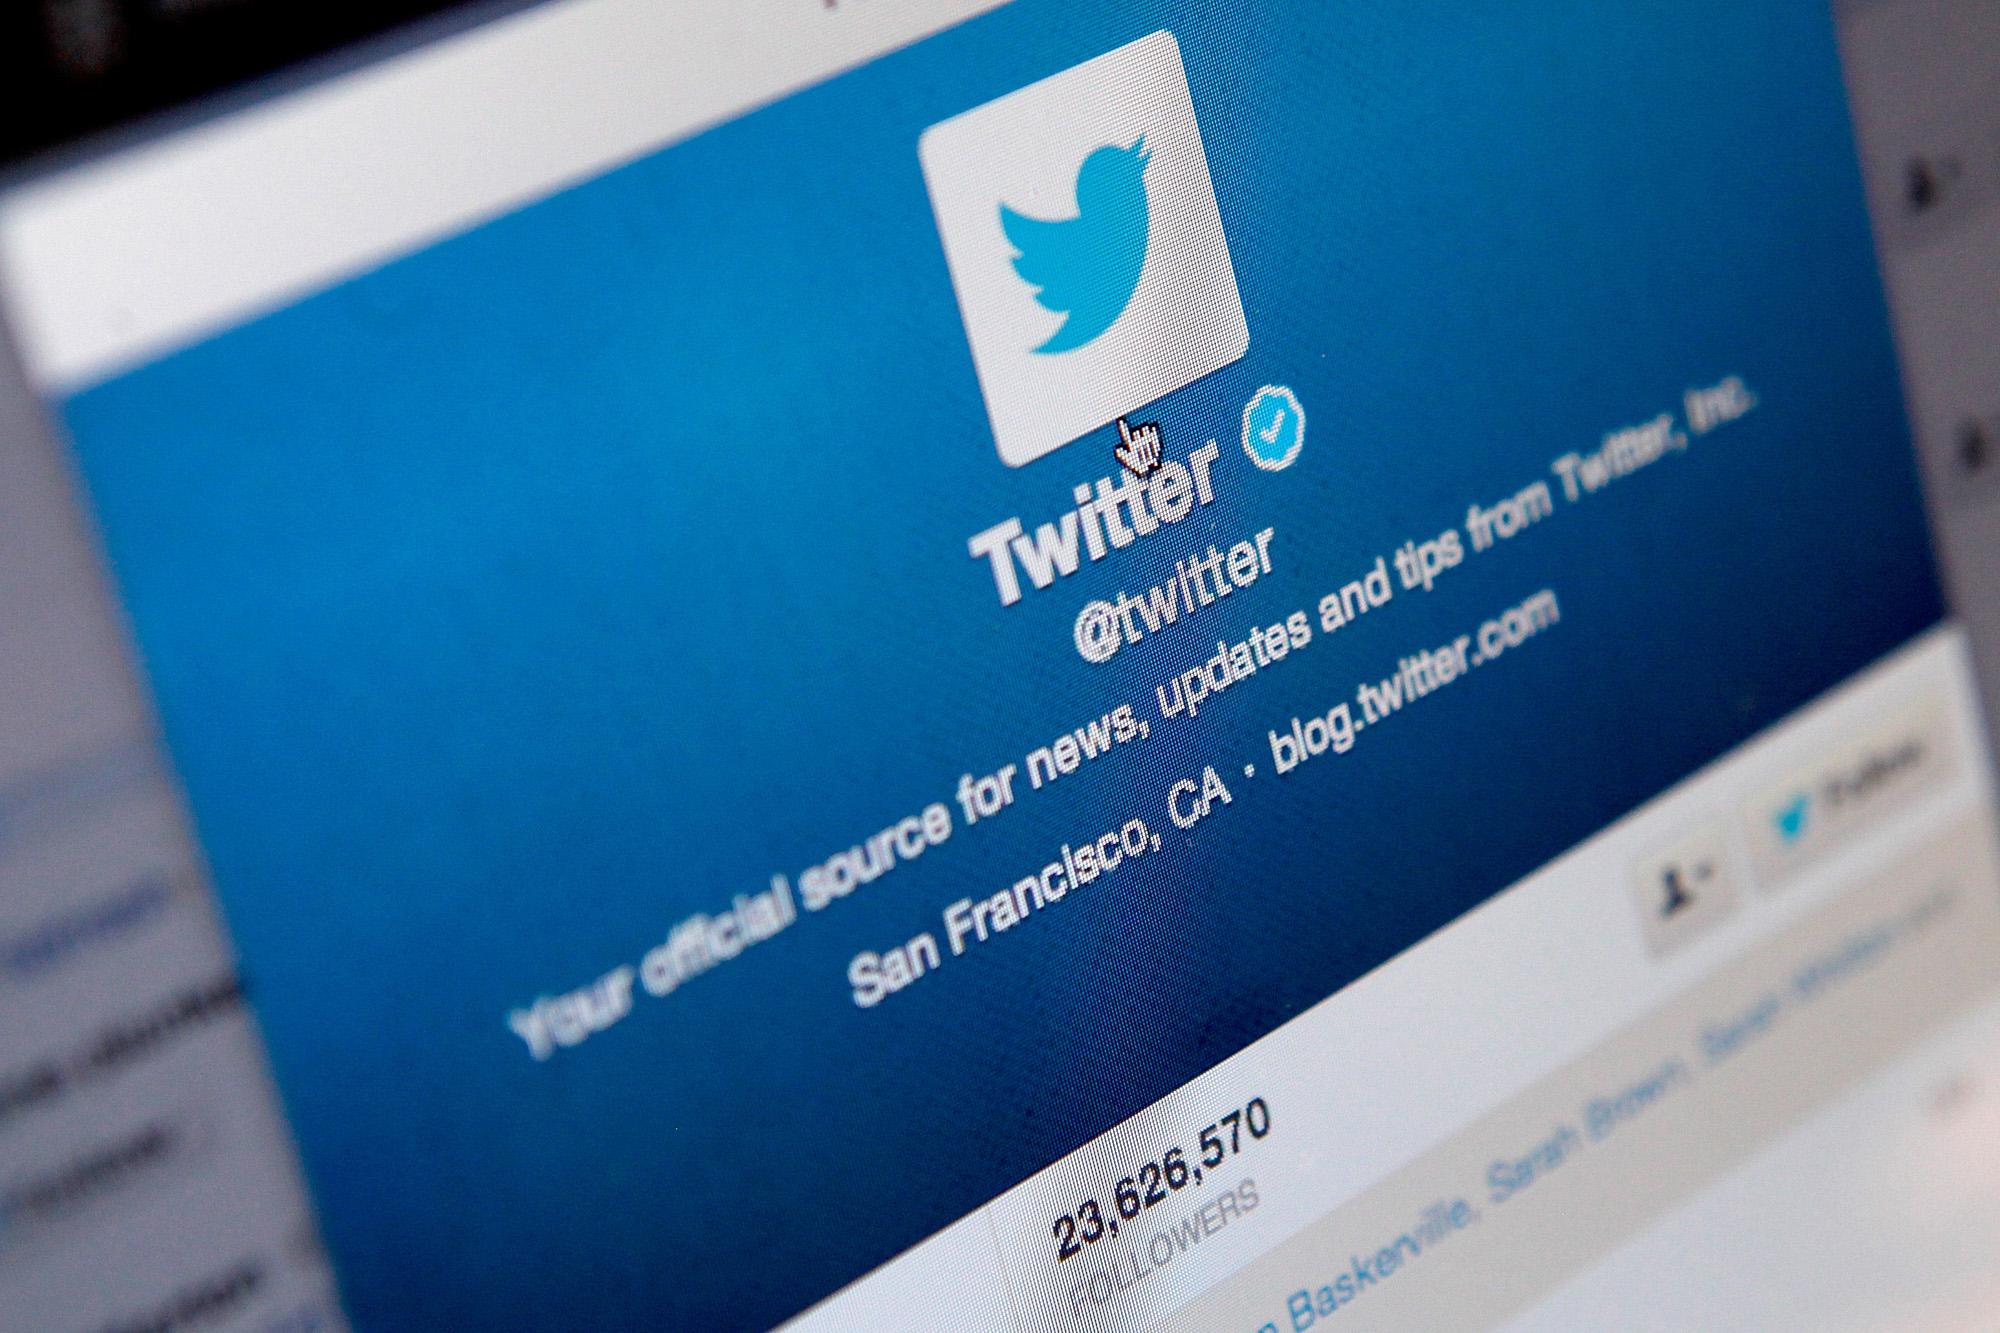 Twitter pagina ufficiale